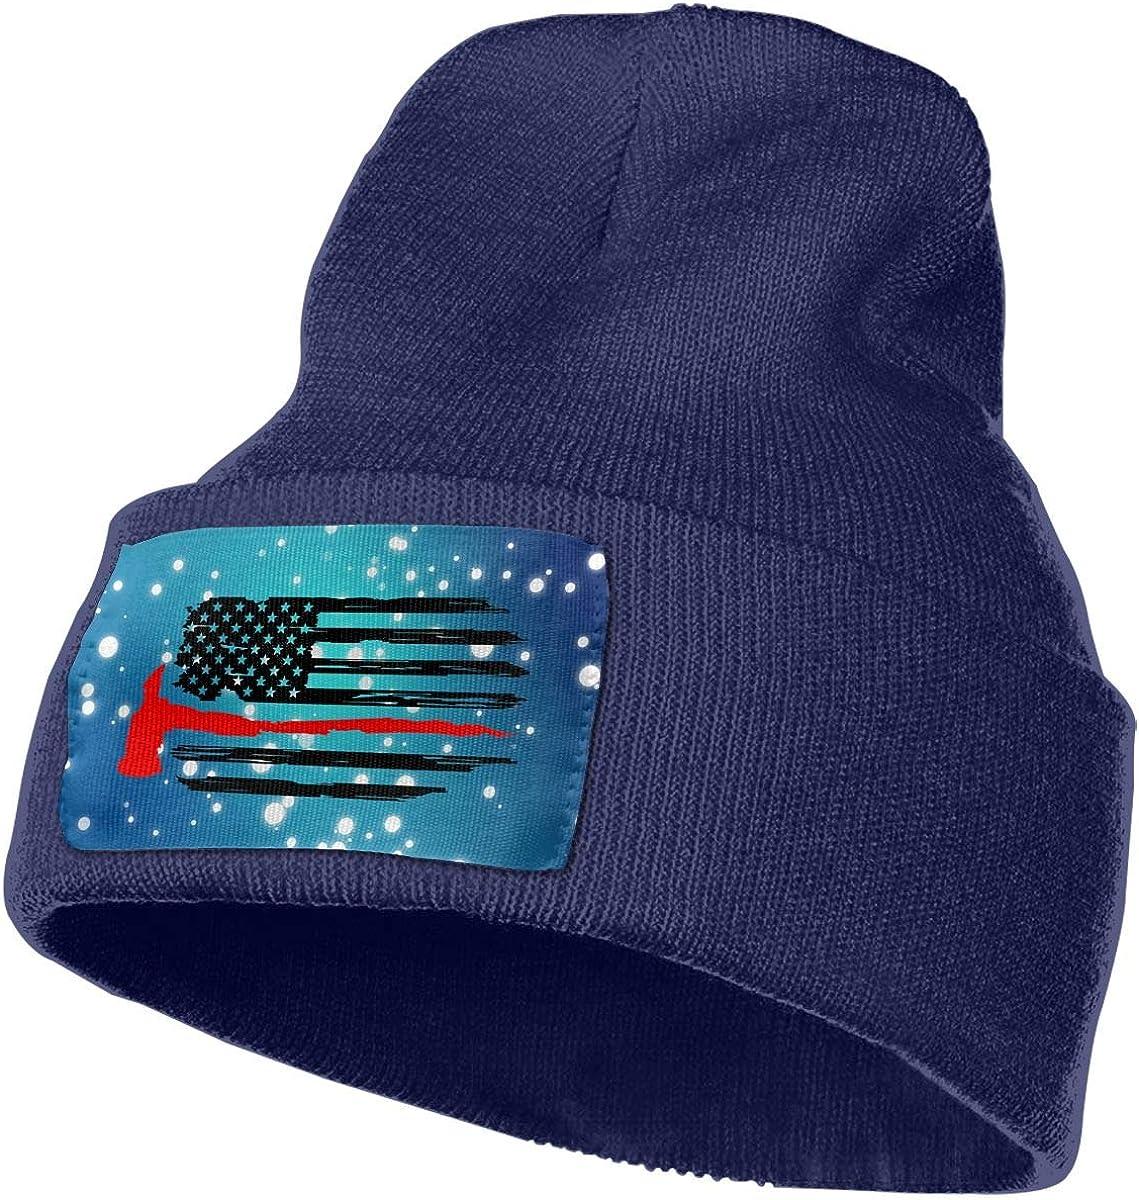 Firefighter Thin Red Line American Flag Winter Beanie Hat Knit Skull Cap for for Men /& Women